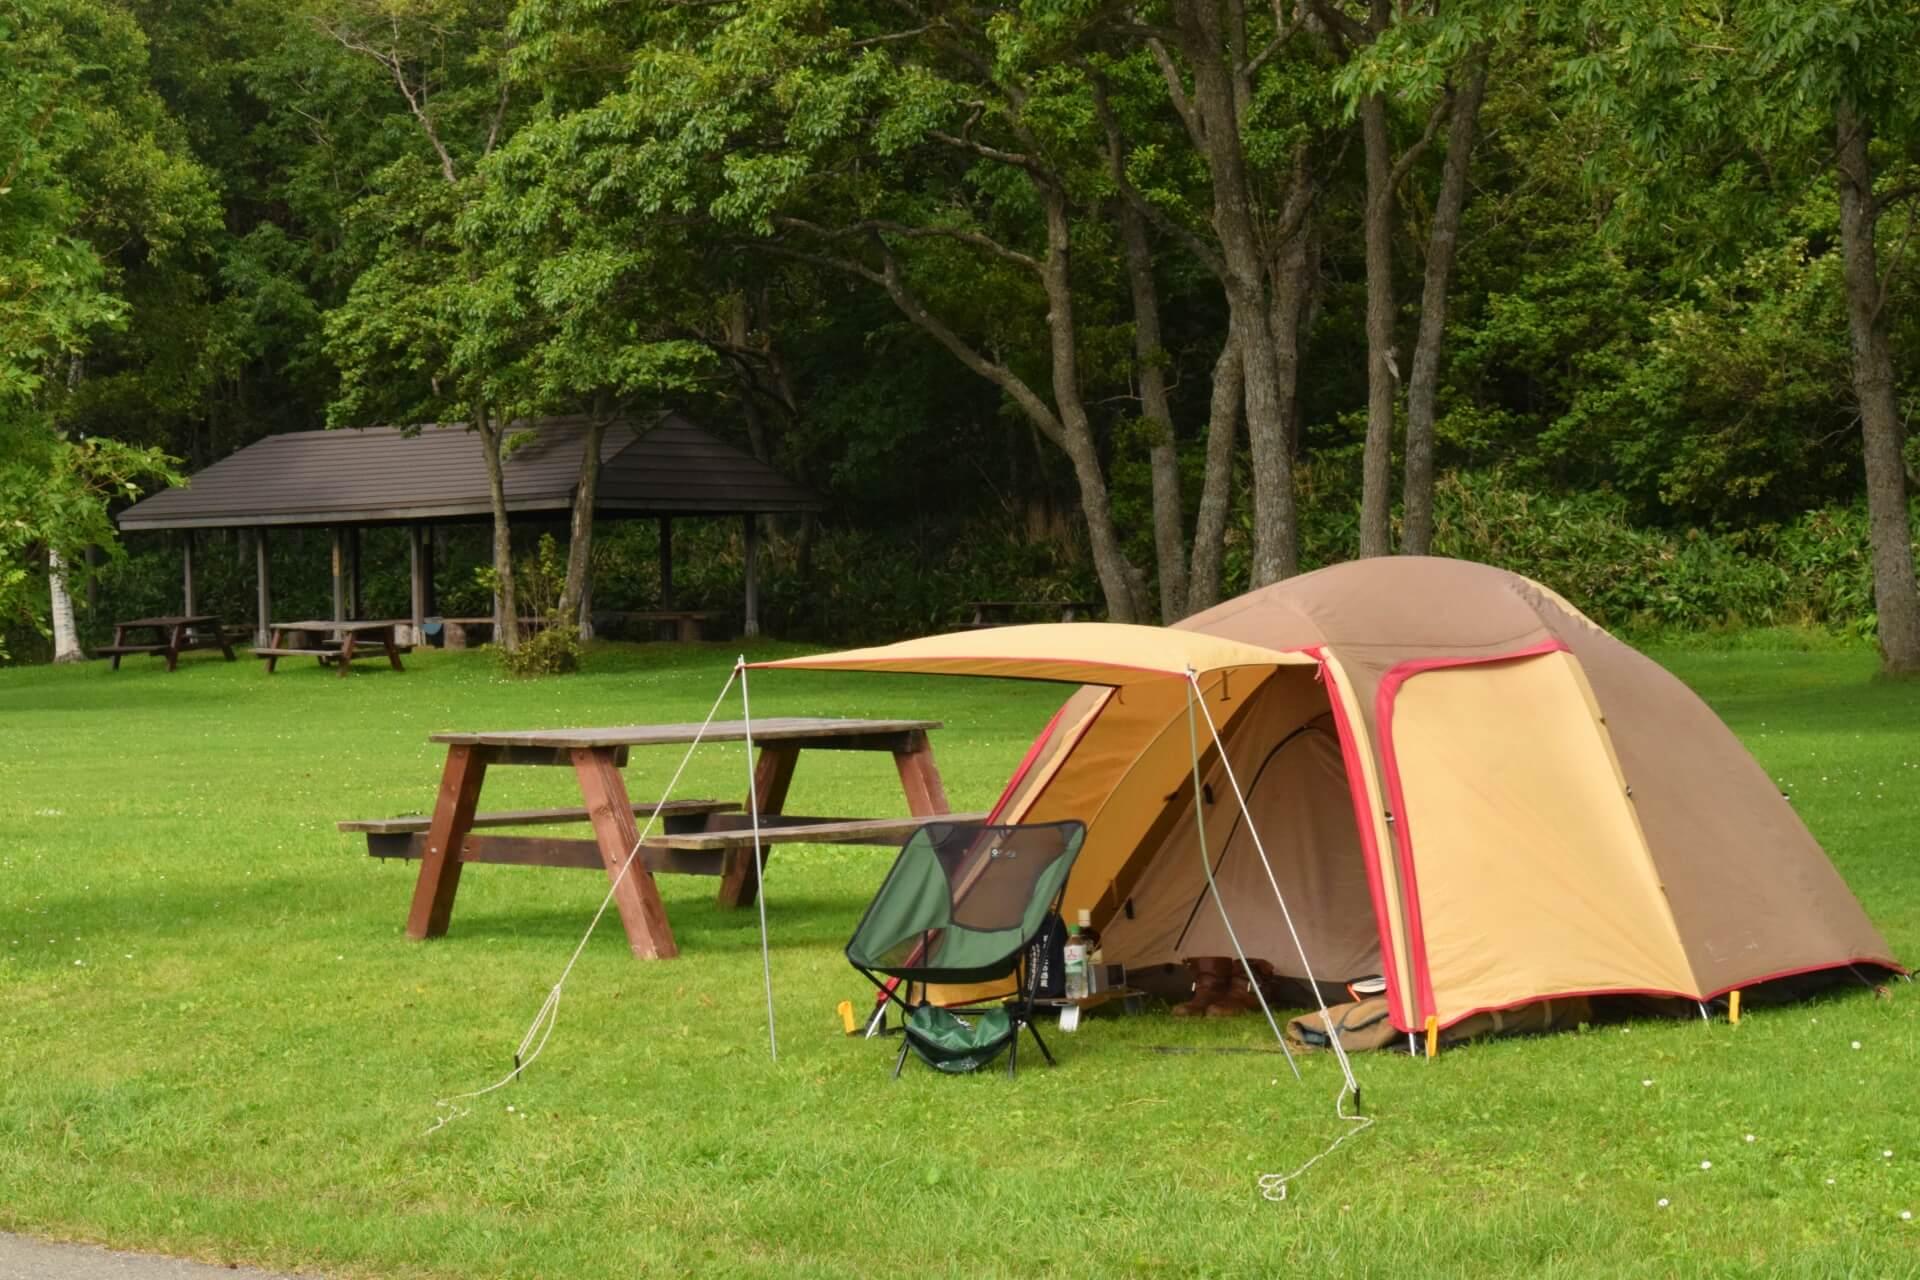 便利なキャンプ用ベッドは?